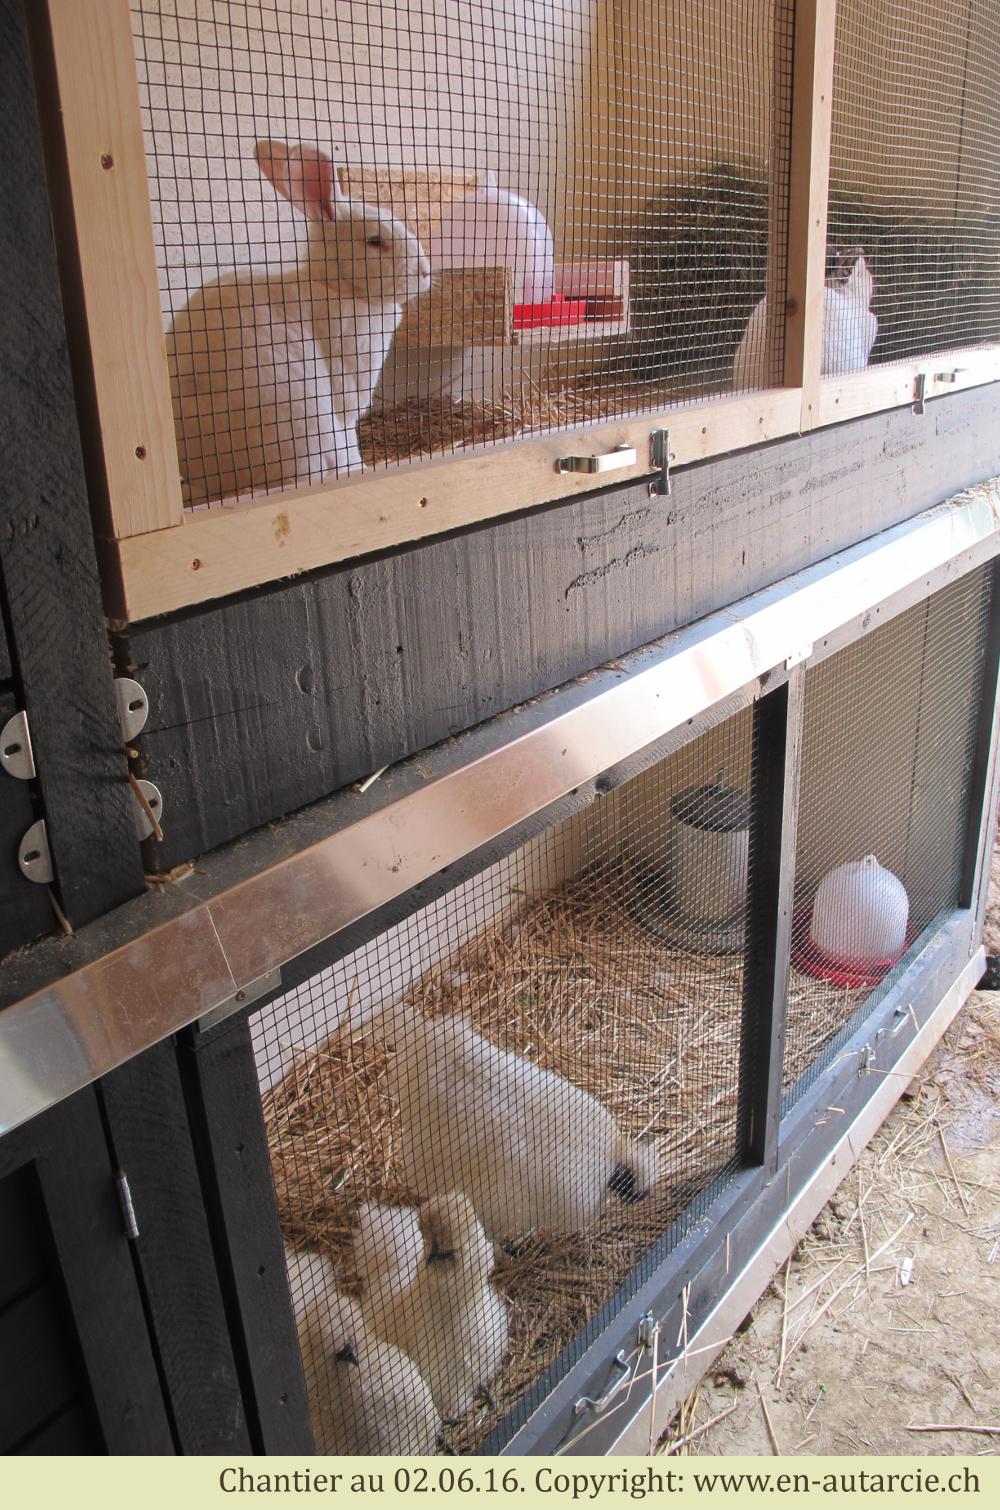 03.06.16 Arrivée des animaux utiles au jardin dans leur nouveau clapier sur mesure. De gauche à droite: Angelo, Maya, Pompon 1, Pompon 2, Pompon 3 et Tac.